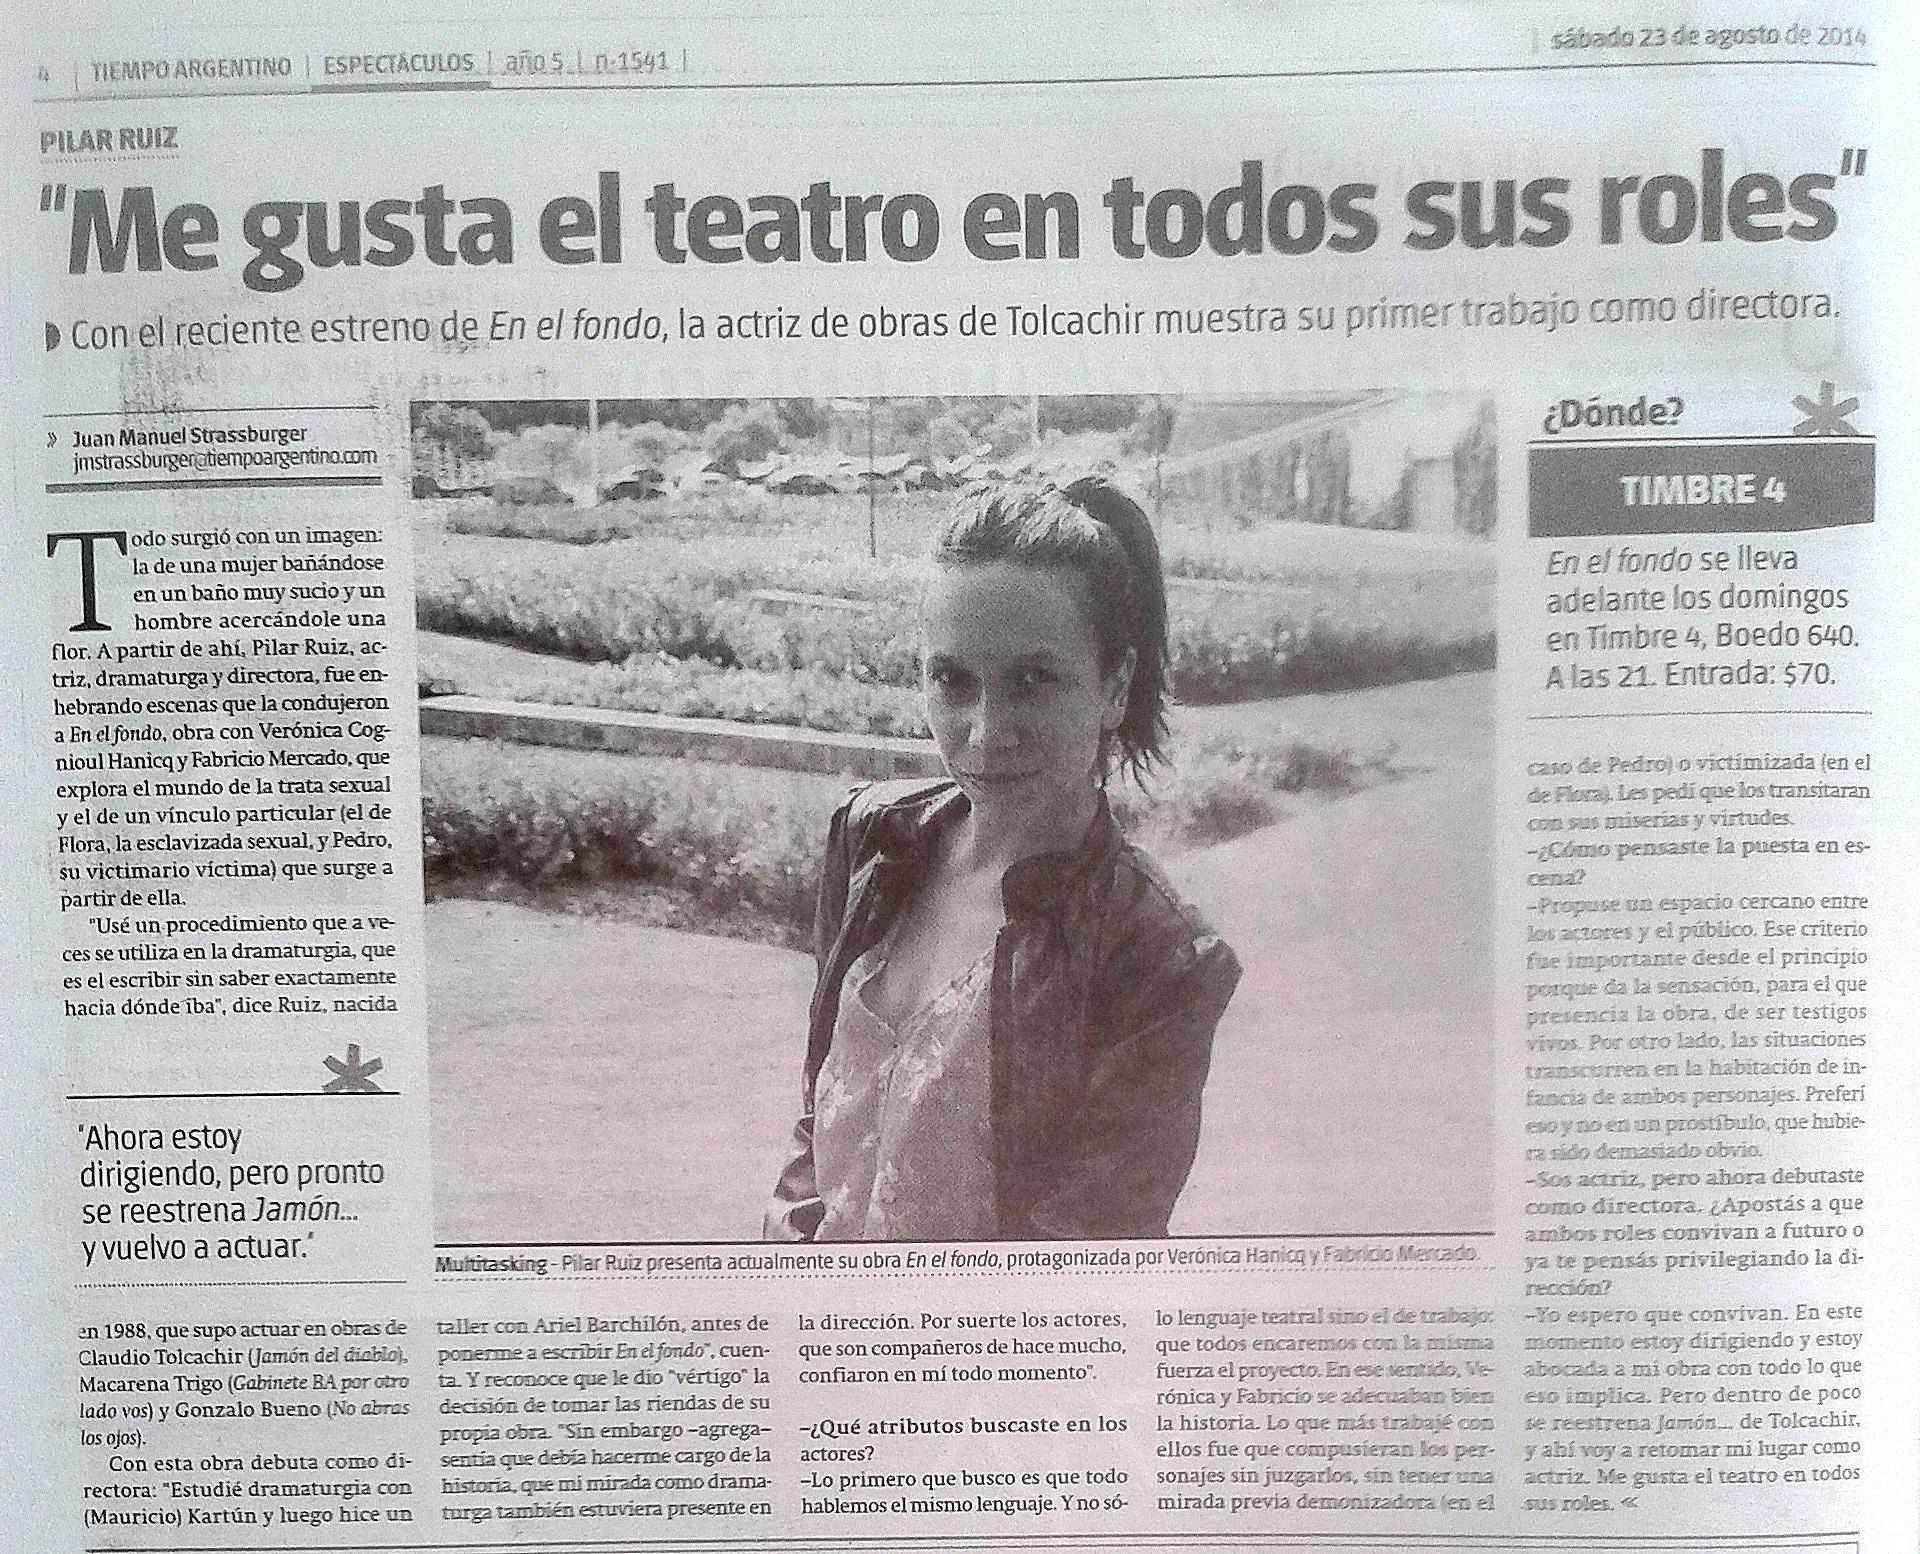 Tiempo Argentino. Espectáculos